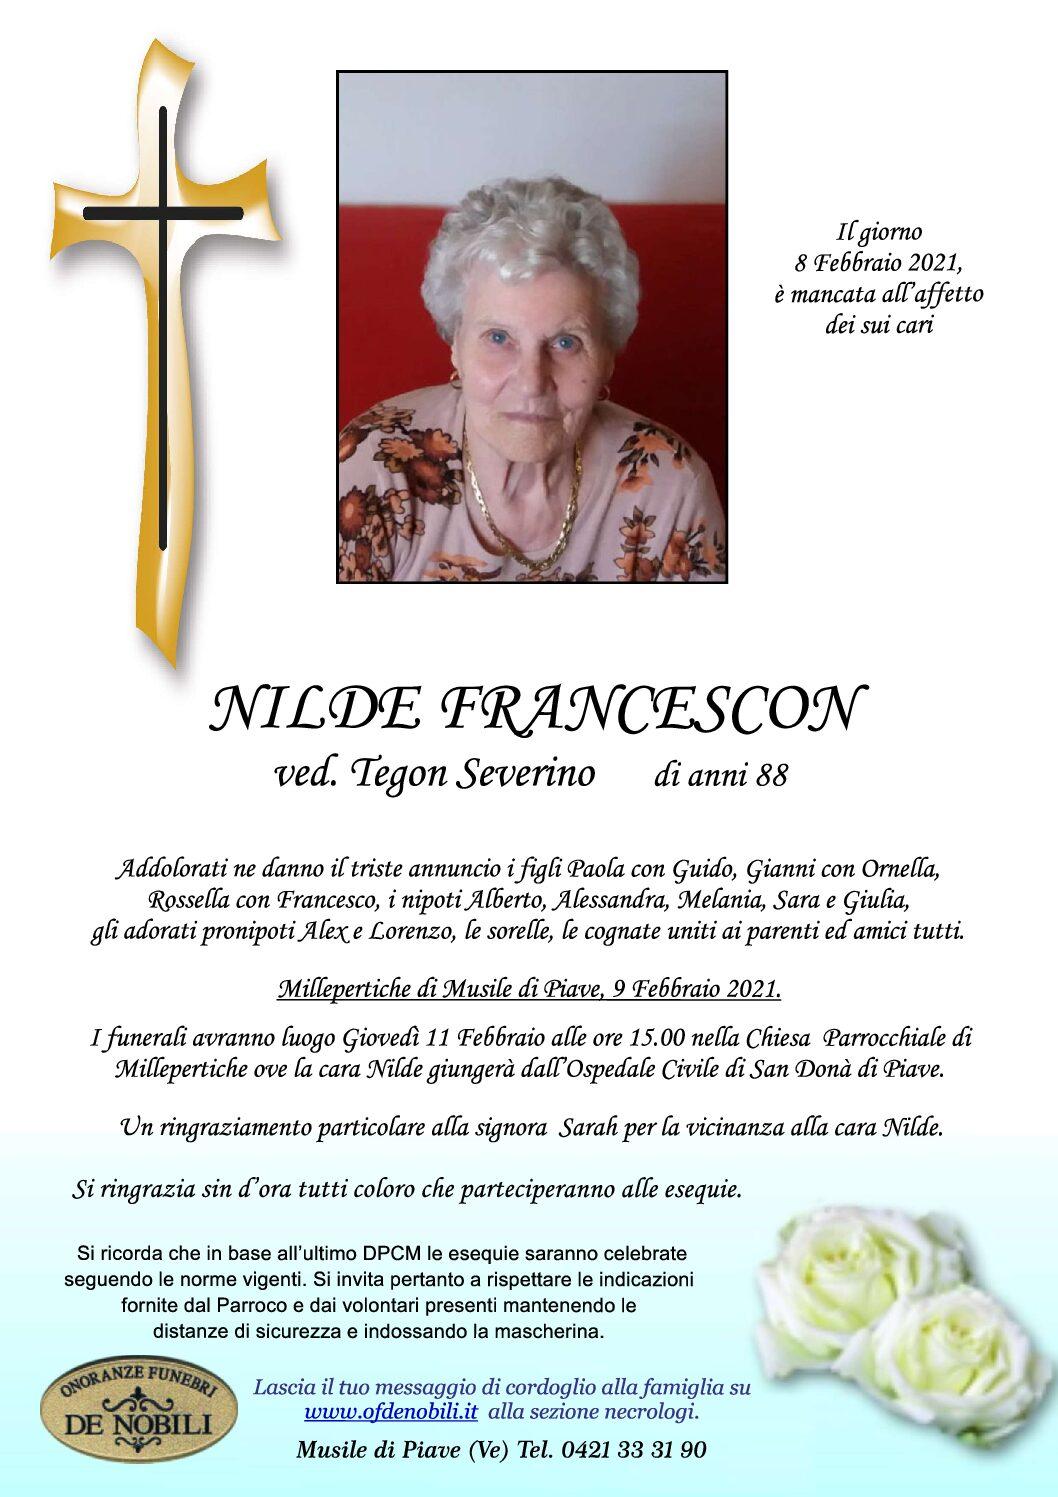 Nilde Francescon